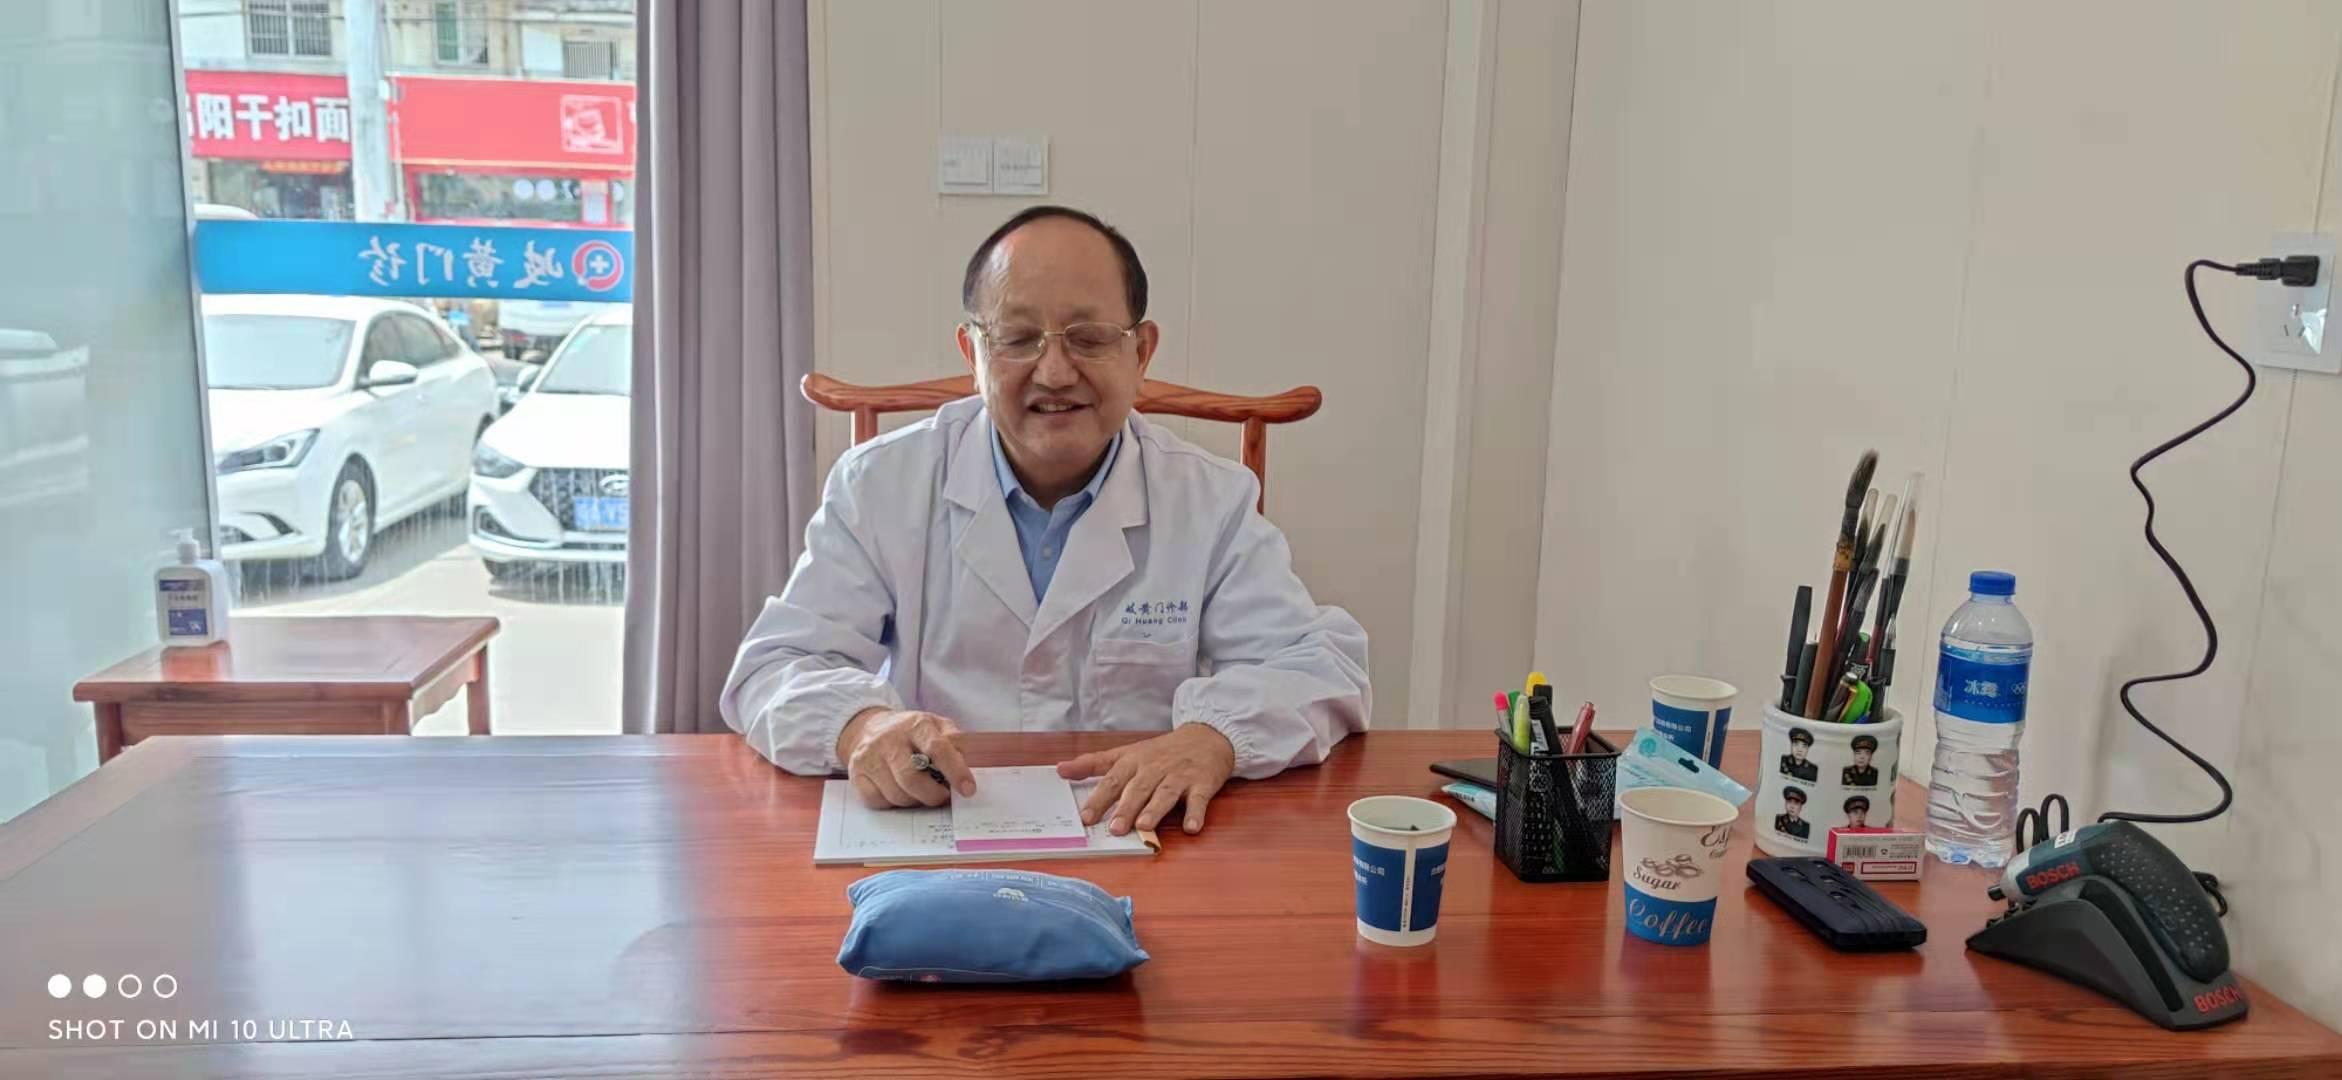 弘扬华佗精神 促进人类健康 ------记安徽省华佗医药研究院院长王凯